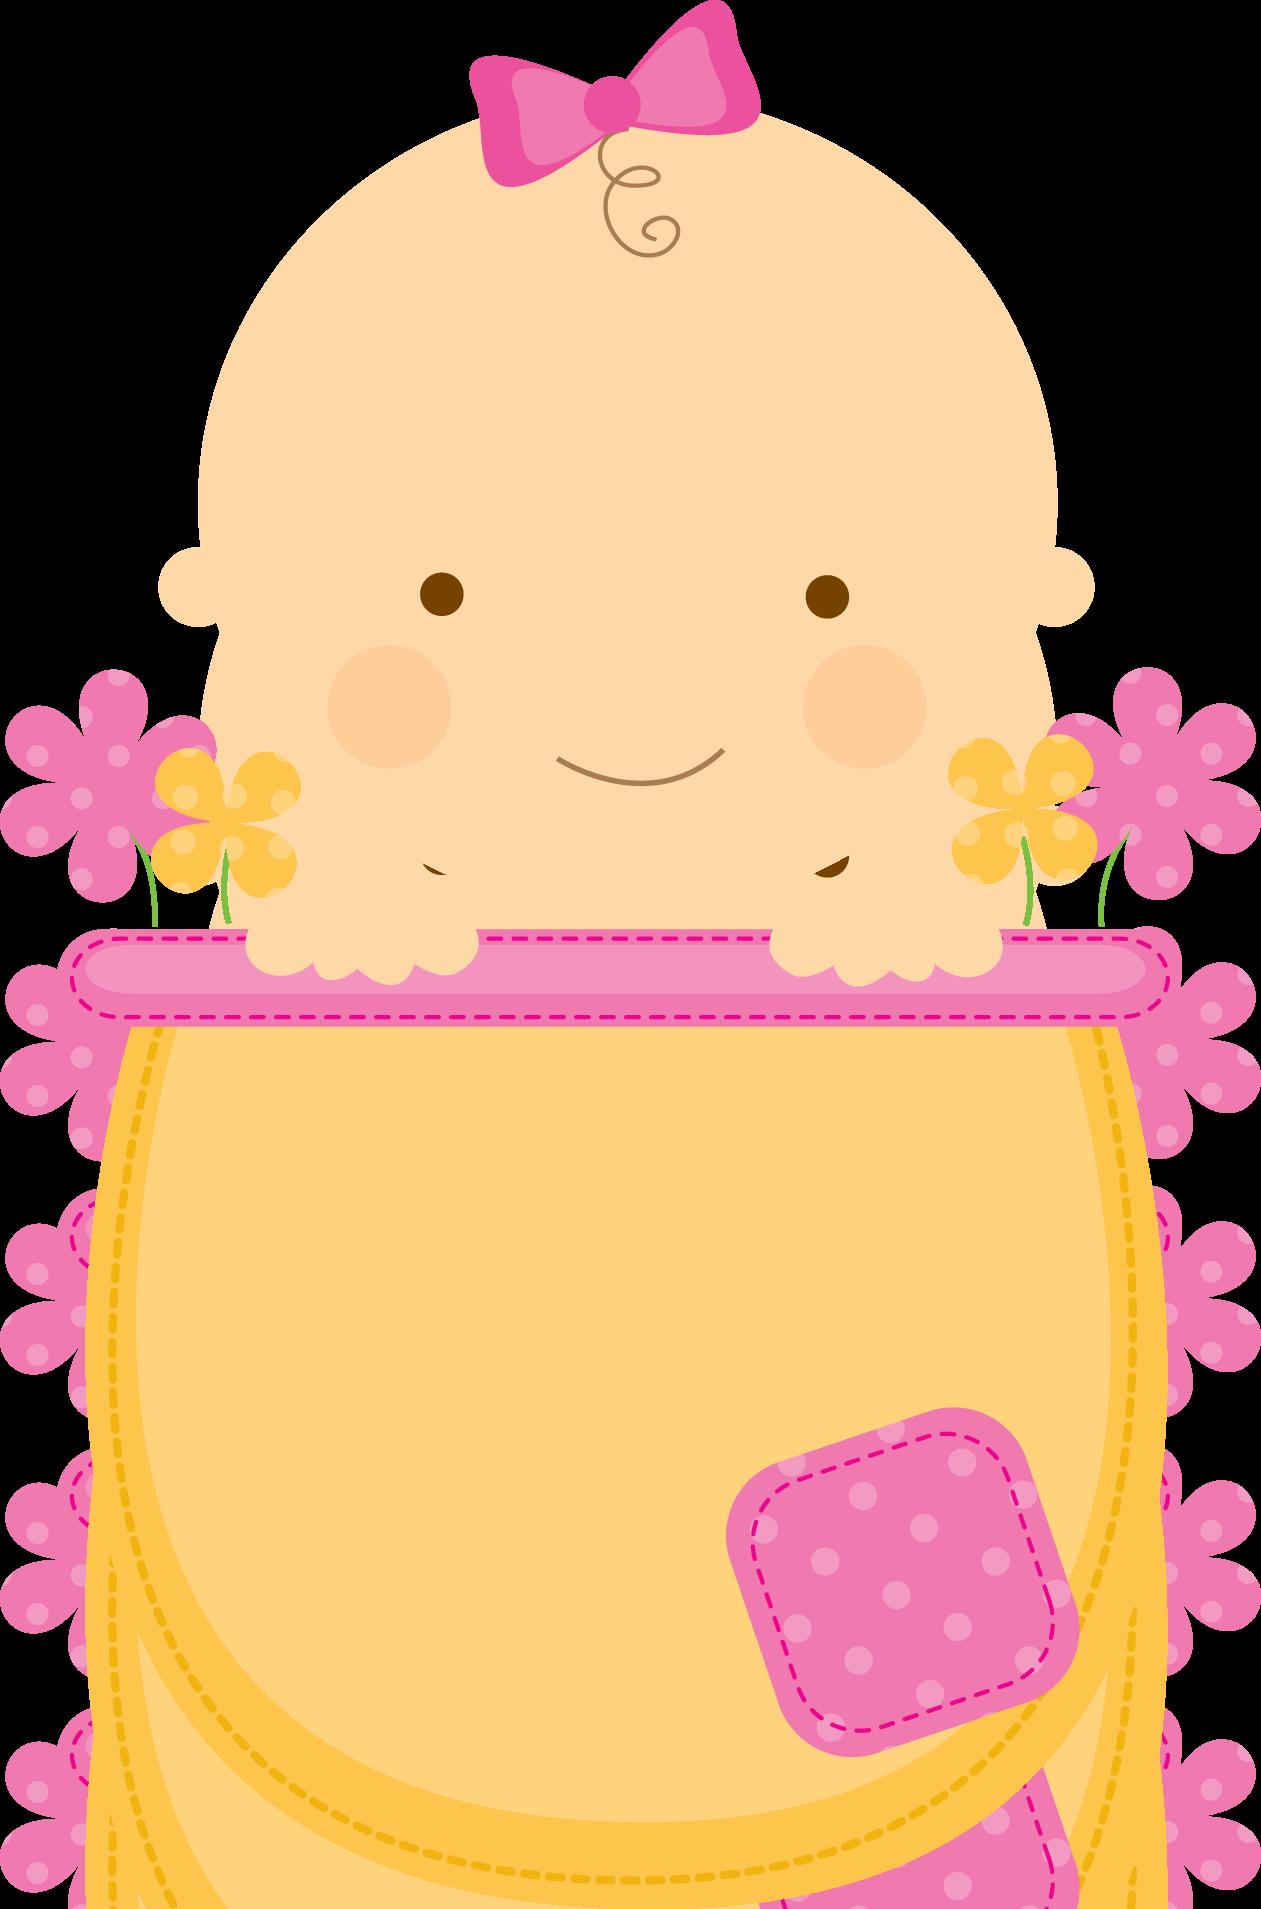 Flowerpot babies babyinflowerpot pink. Clipart tree baby shower